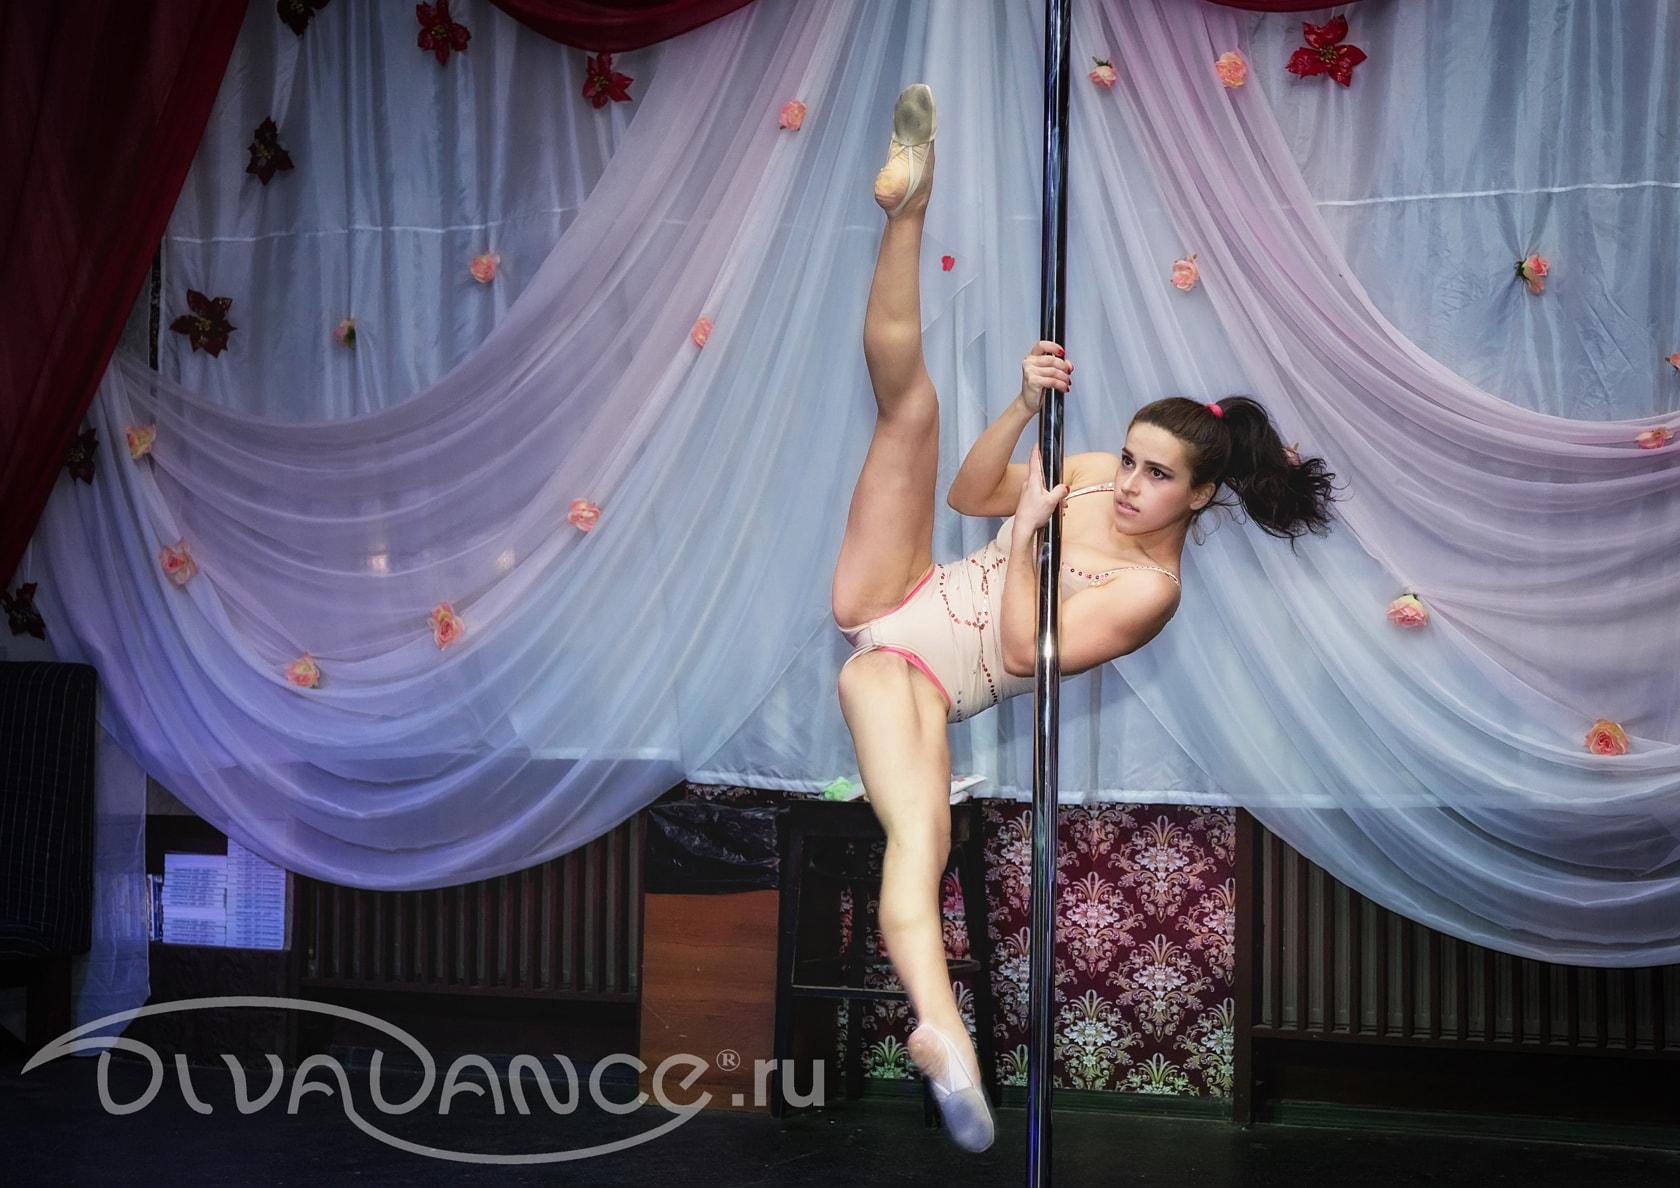 Смотреть онлайн танец стриптиз 17 фотография